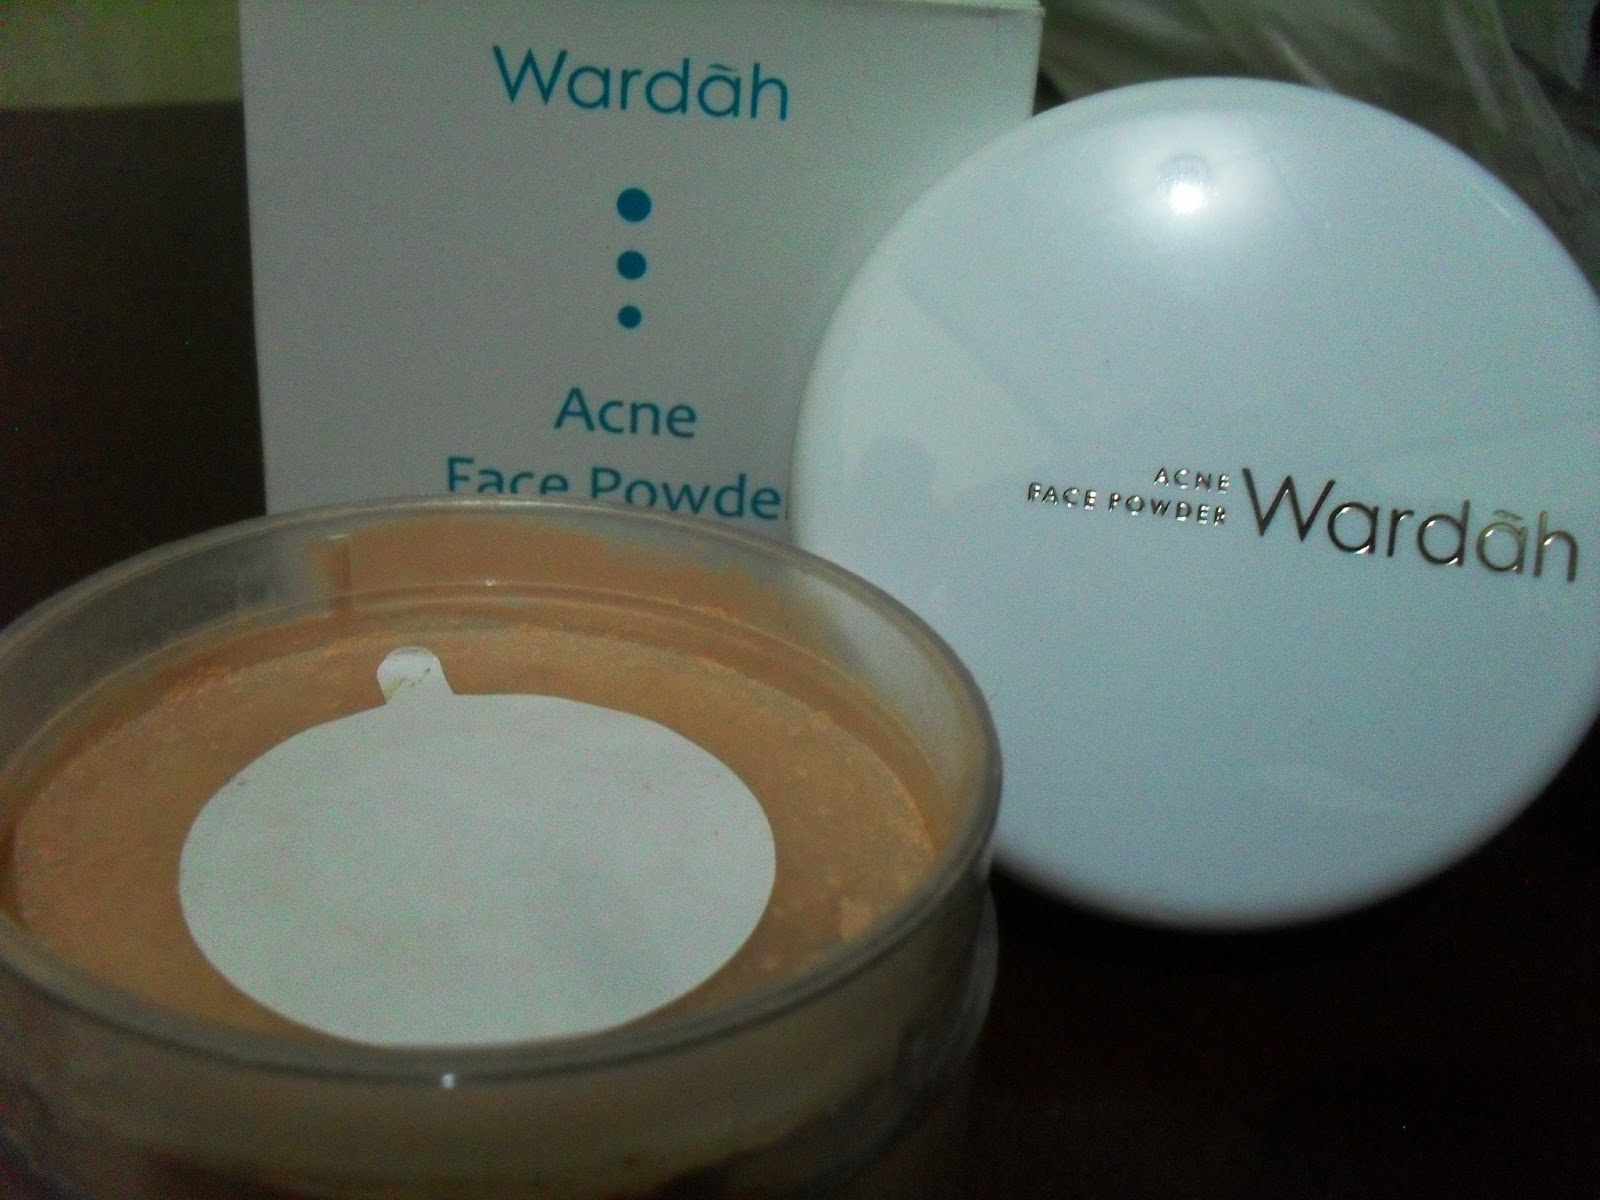 Harga Bedak Wardah Acne Face Powder